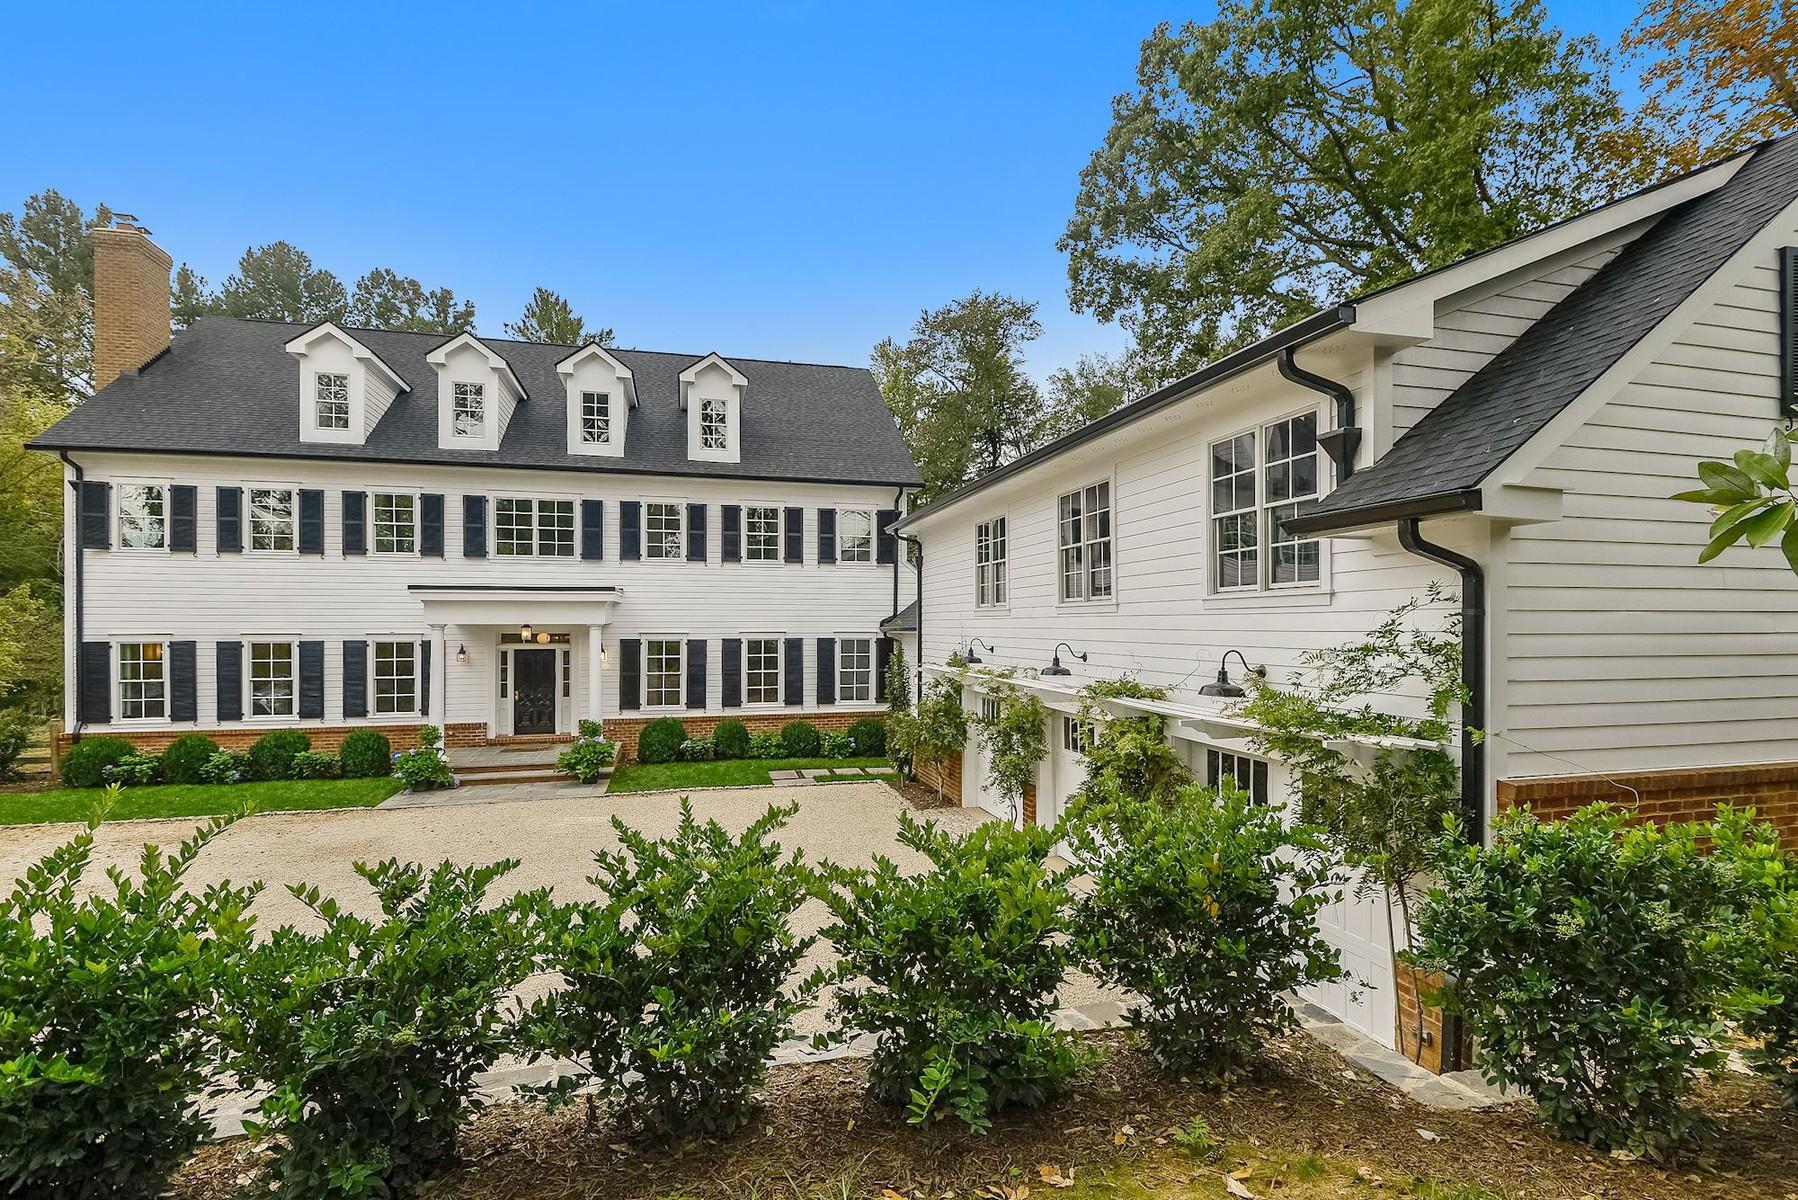 Casa Unifamiliar por un Venta en 6349 Georgetown Pike, Mclean McLean, Virginia, 22101 Estados Unidos